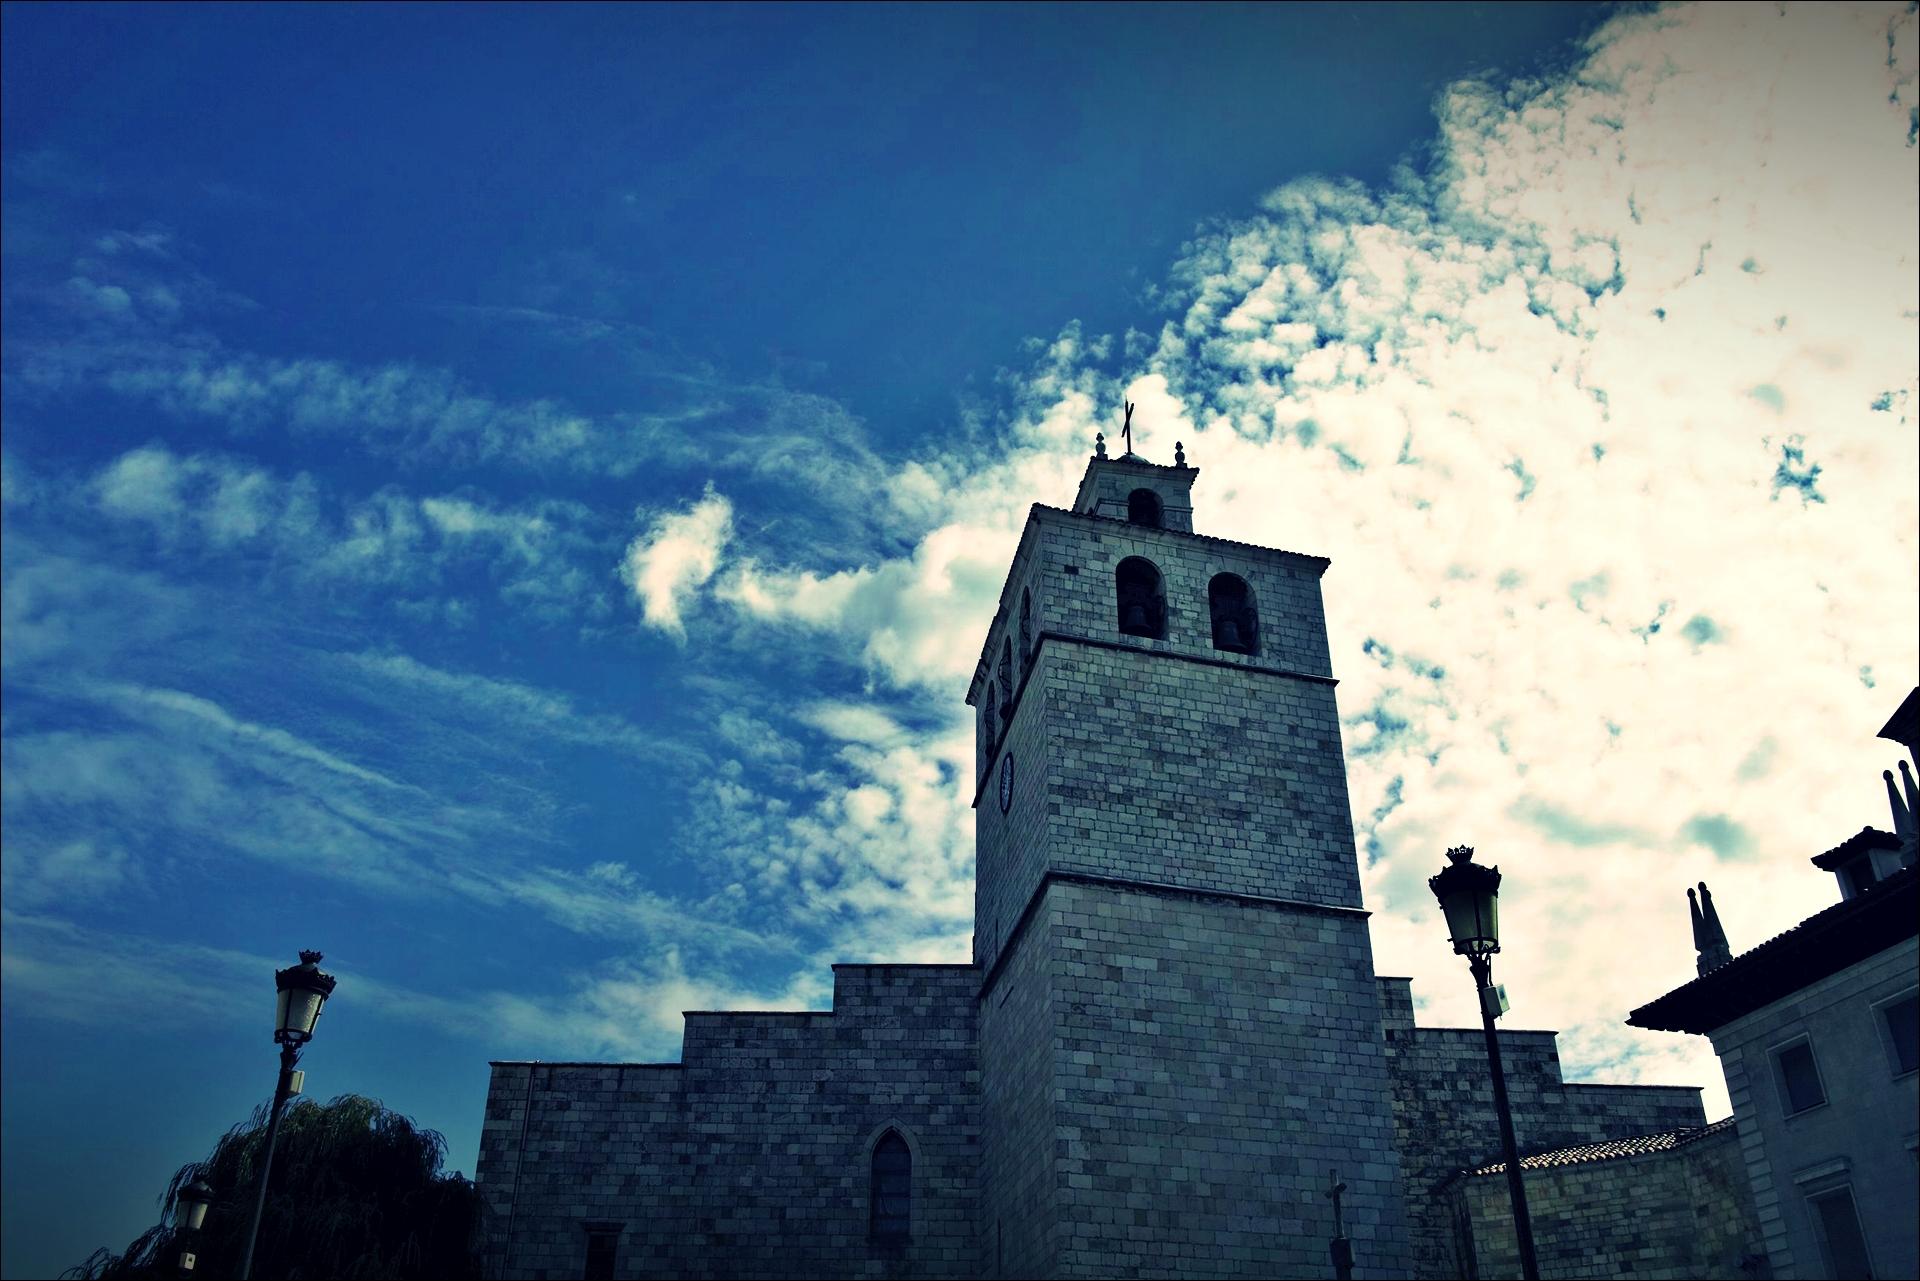 성당-'카미노 데 산티아고 북쪽길. 궤메스에서 산탄데르. (Camino del Norte - Güemes to Santander)'